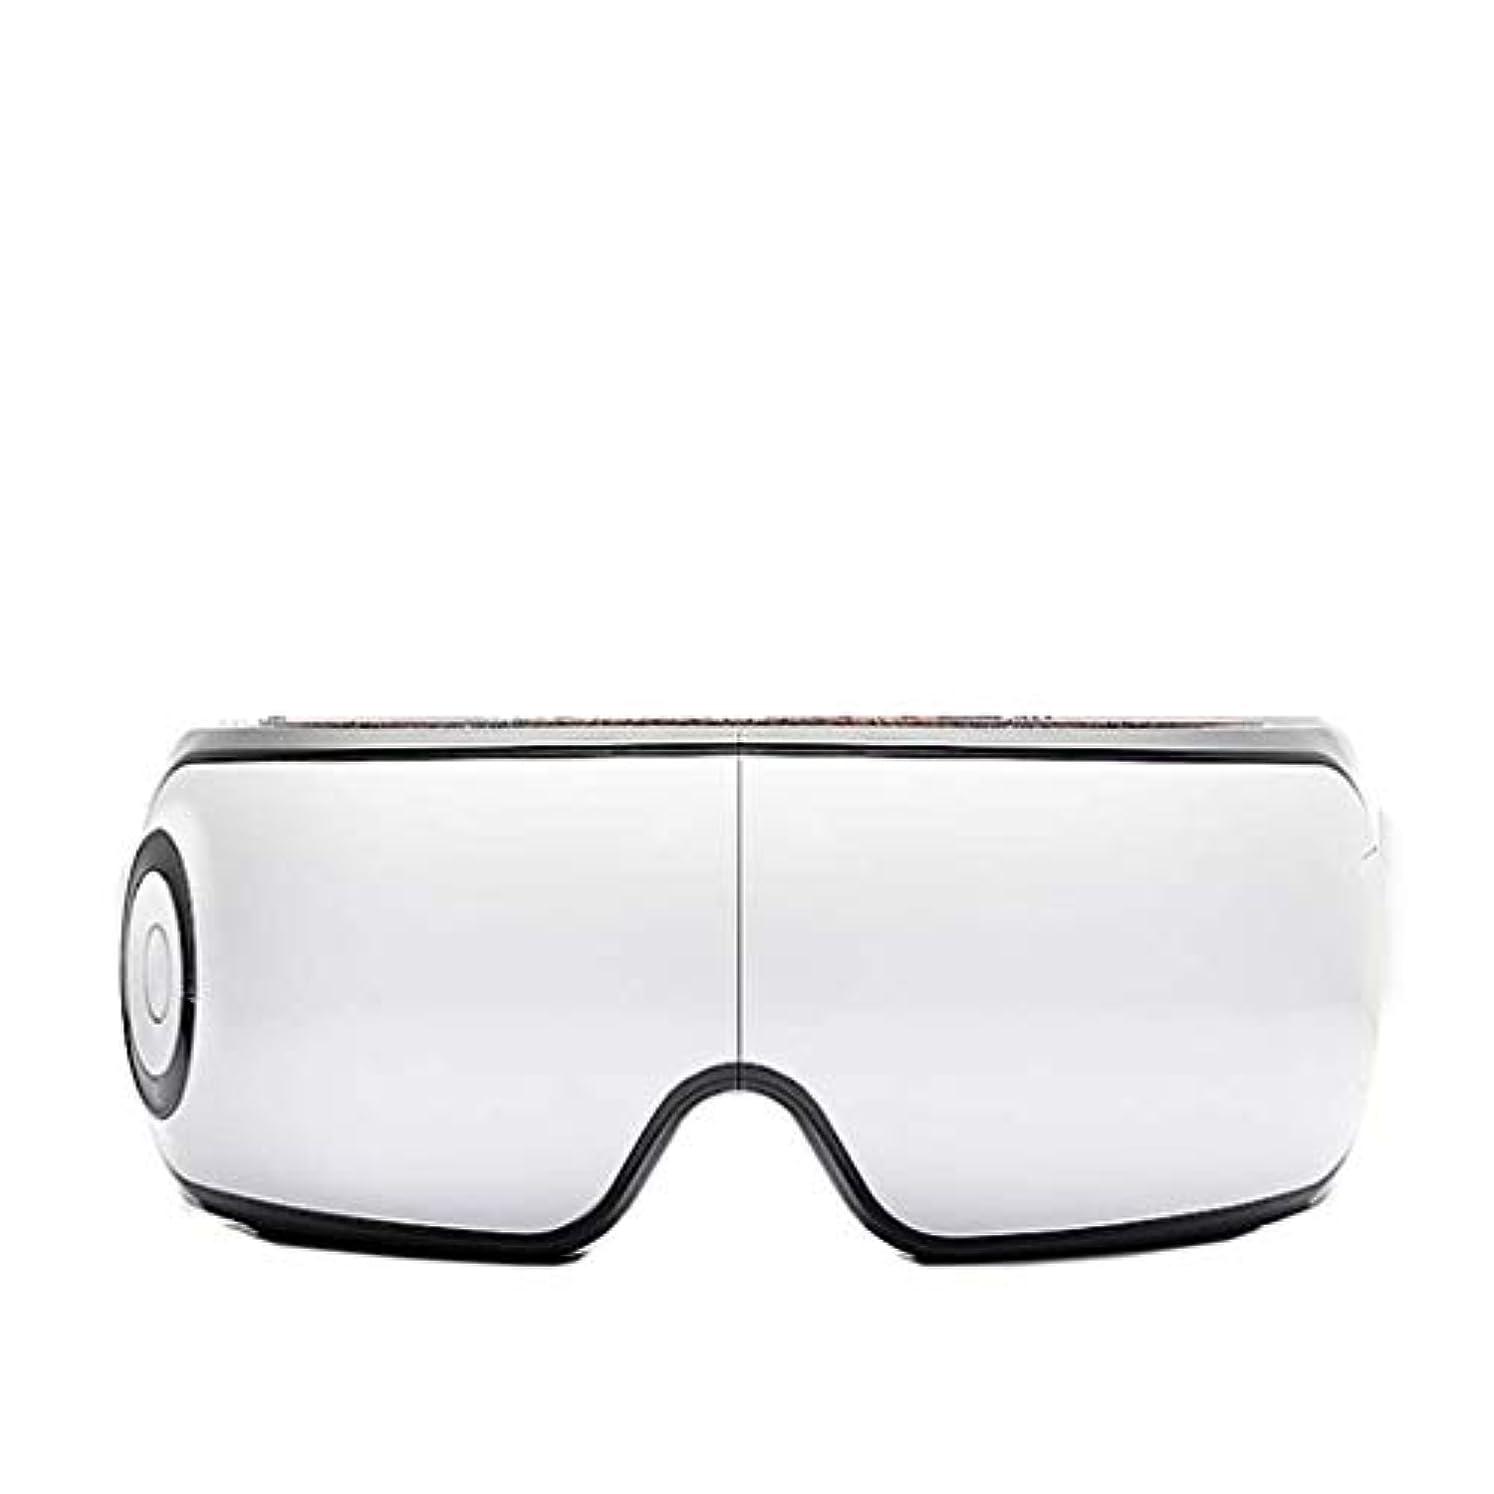 ワイド簡潔な崩壊マッサージアイマスク、折りたたみ式ワイヤレスアイマッサージャー、多機能マッサージャー、インテリジェントなワンボタン操作、アイリラクシングアイバッグとダークサークル、目の疲れを軽減